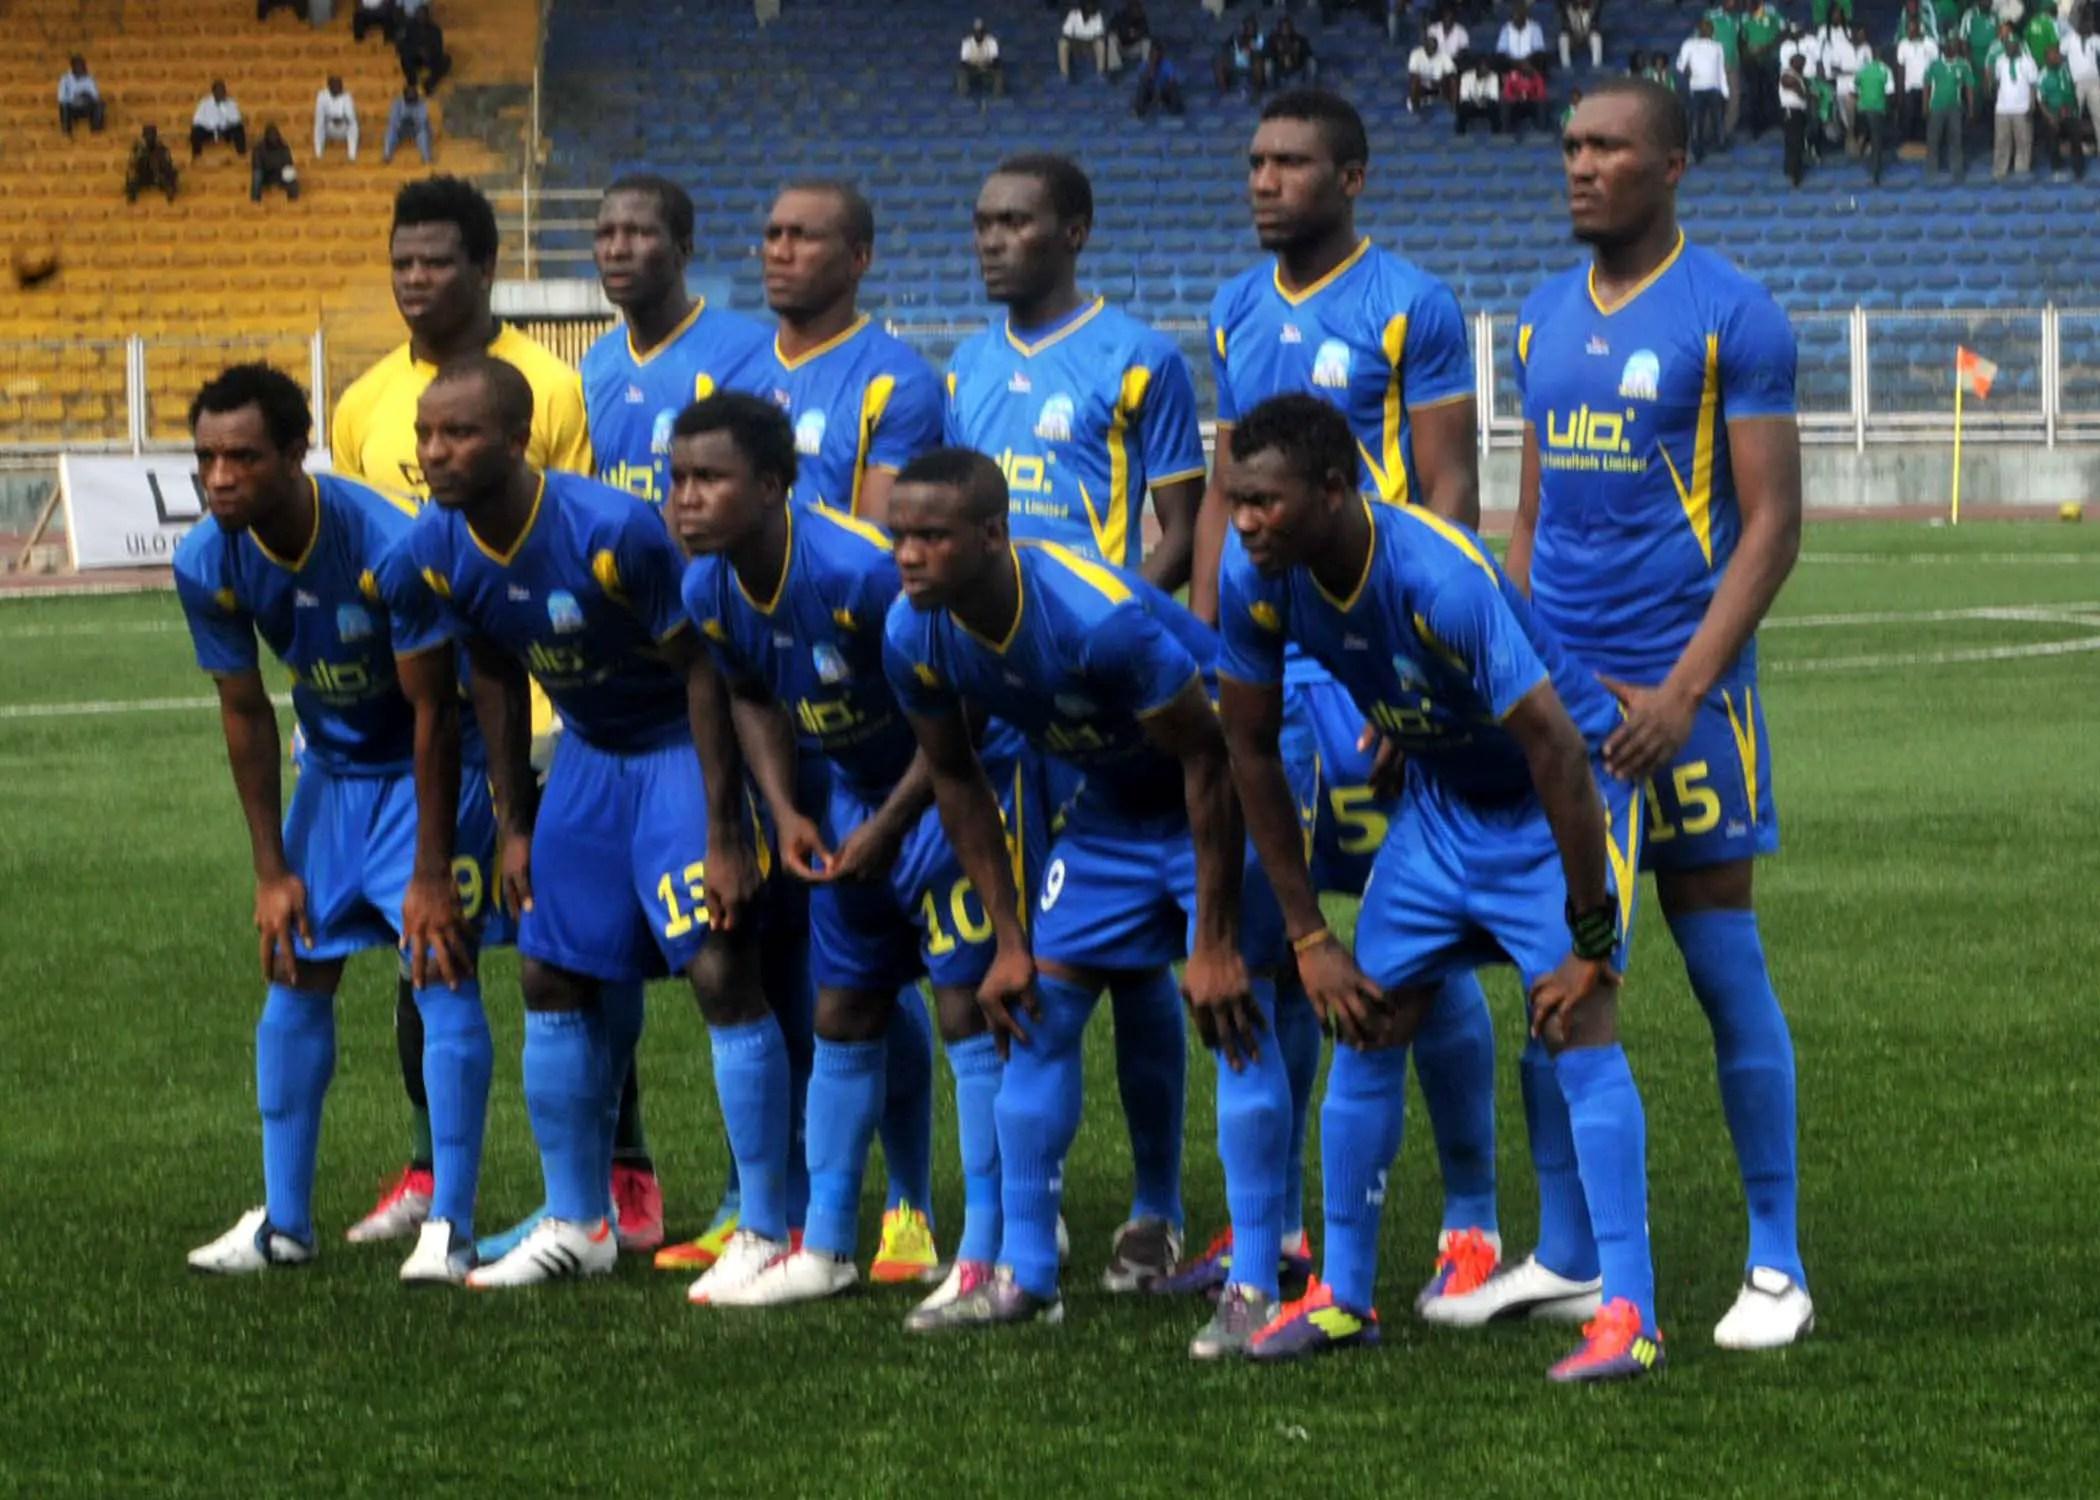 Warri Wolves Edge Akwa United In Super 4 Opener